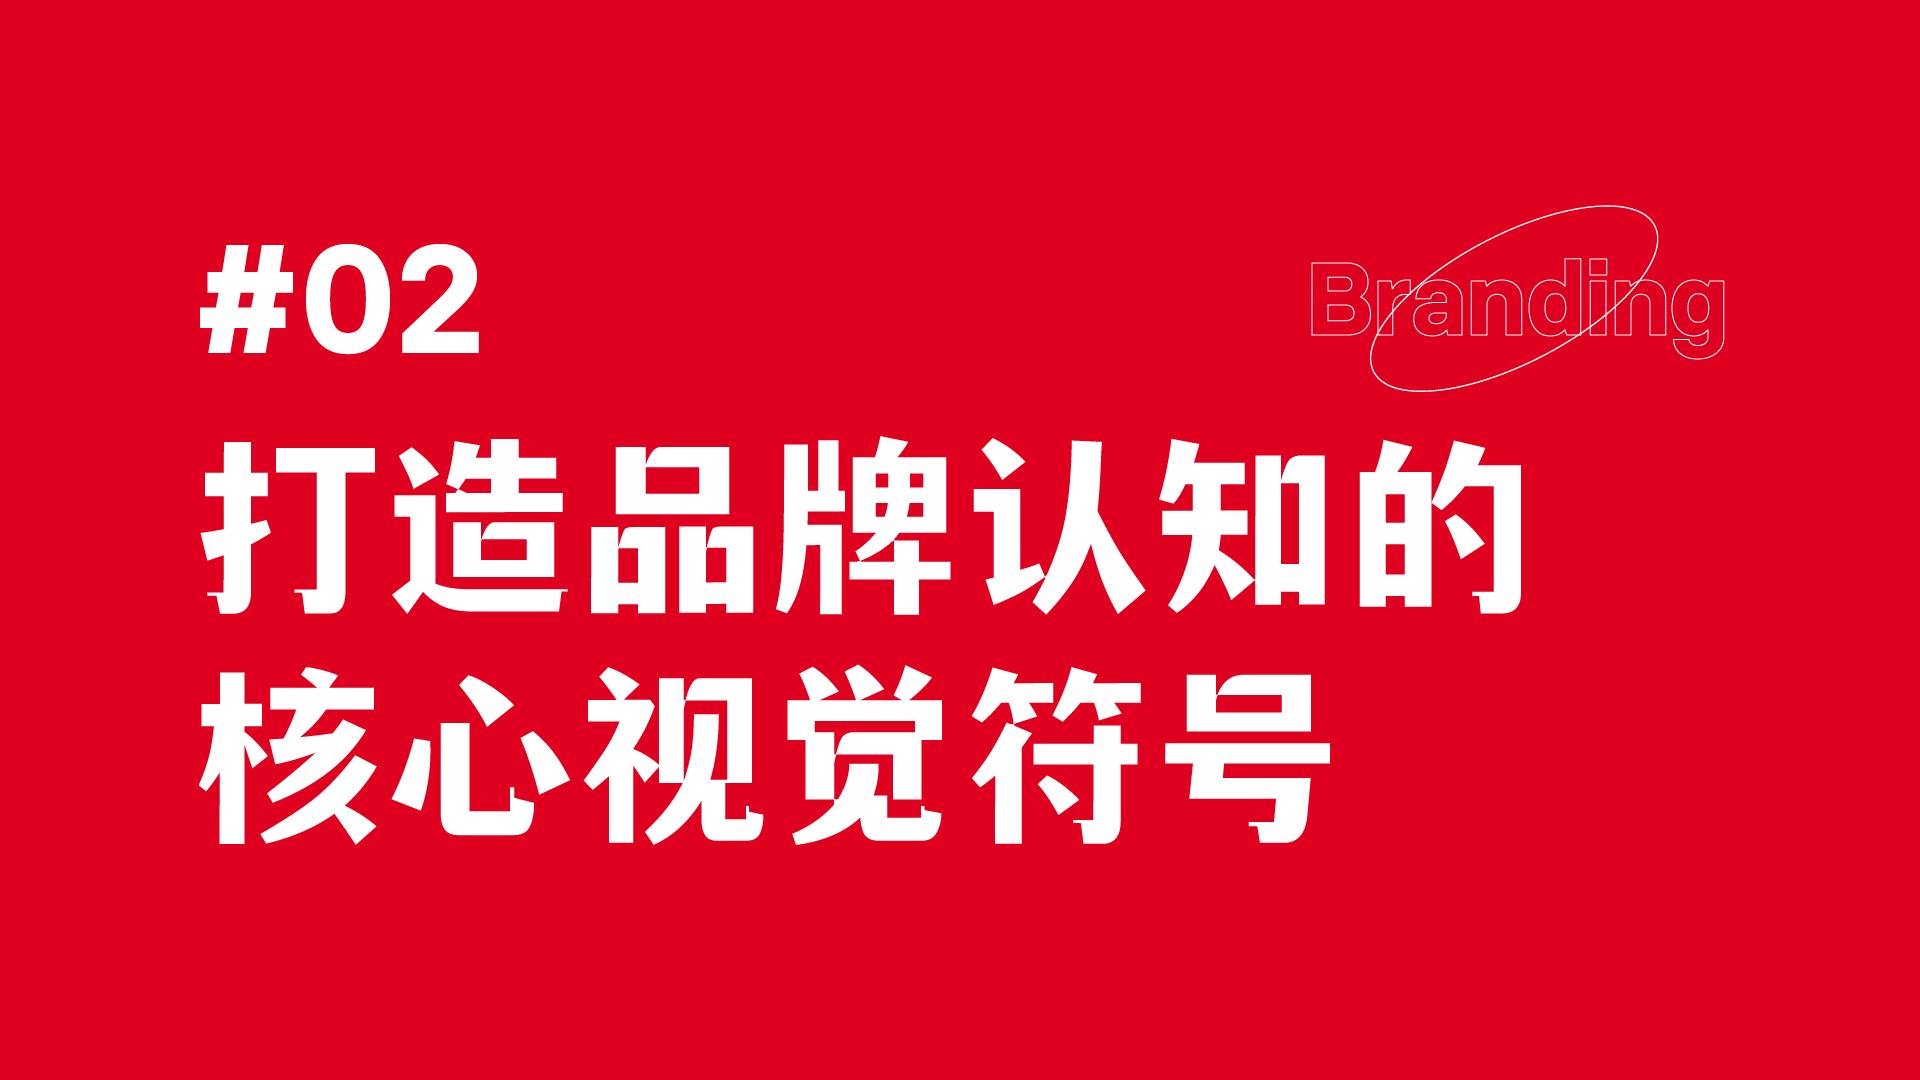 品牌形象就是品牌资产©方法论02-02.jpg